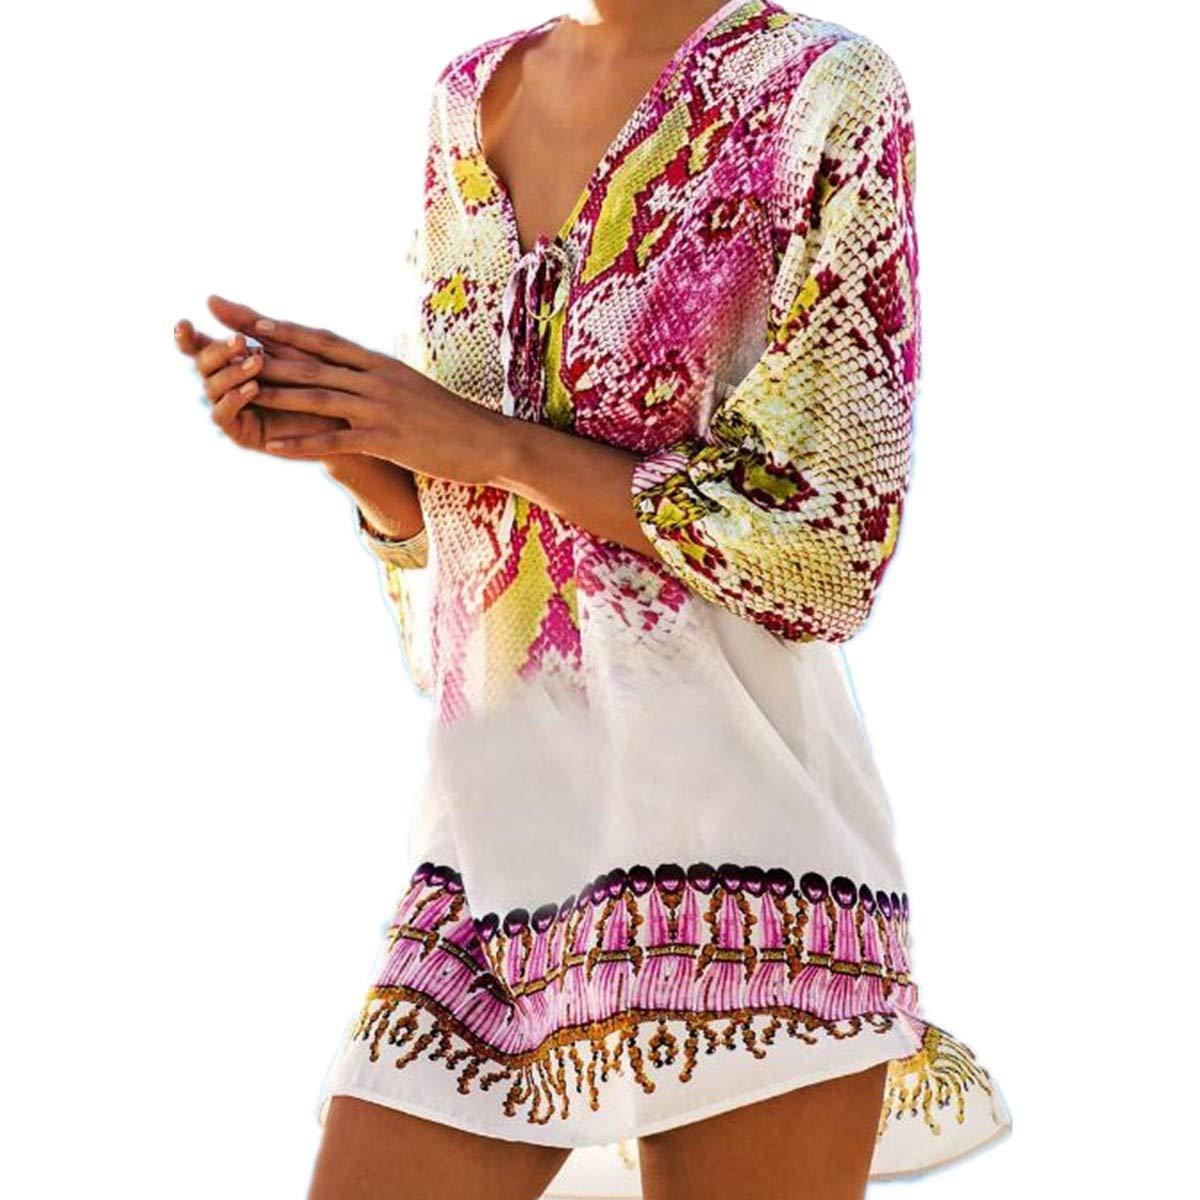 LOBTY Strandponcho Strandkleider Bikini Cover up Sexy Beach Bikini Dress Damen Bademode Boho Sommerkleid Sommer Blusen Strandhemd Chiffon Tunika Kimono